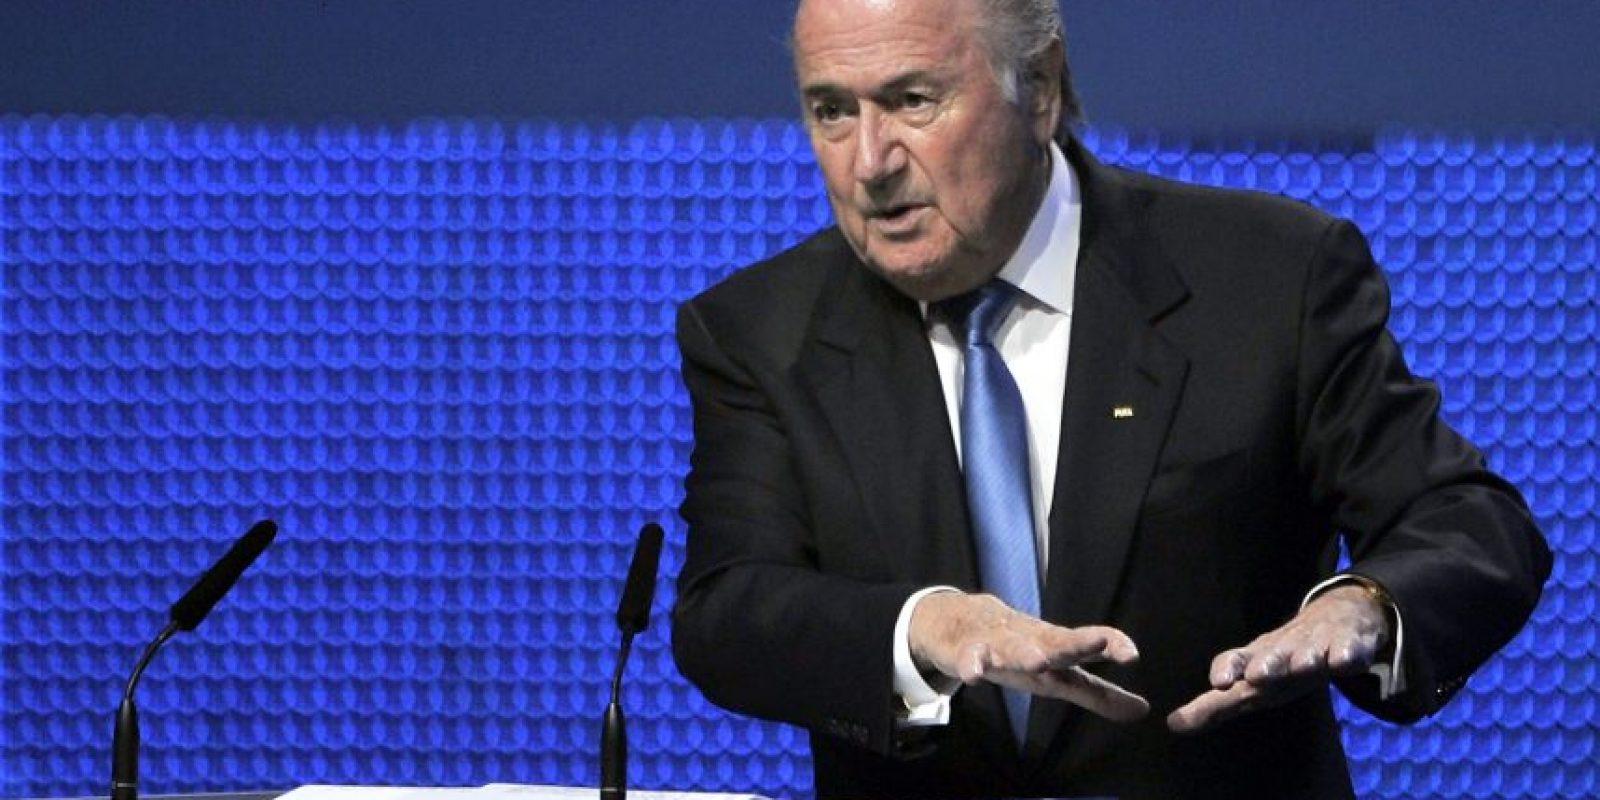 El presidente de la organización que promueve la lucha contra la corrupción dijo que Blatter debe de renunciar. Foto:Publinews